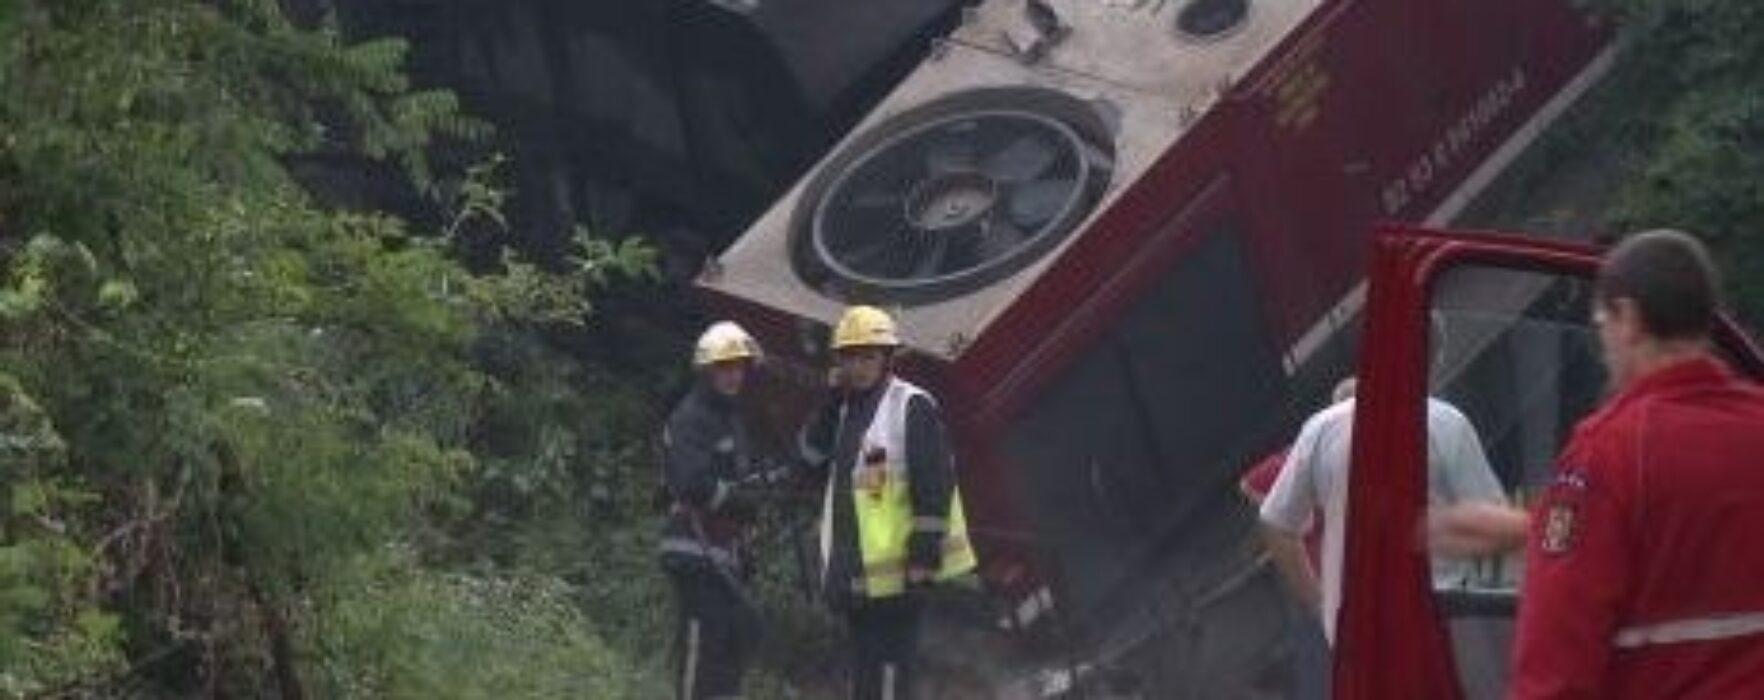 Trei bărbaţi condamnaţi la închisoare, după ce în 2012 au provocat un accident cu două decese şi un tren răsturnat